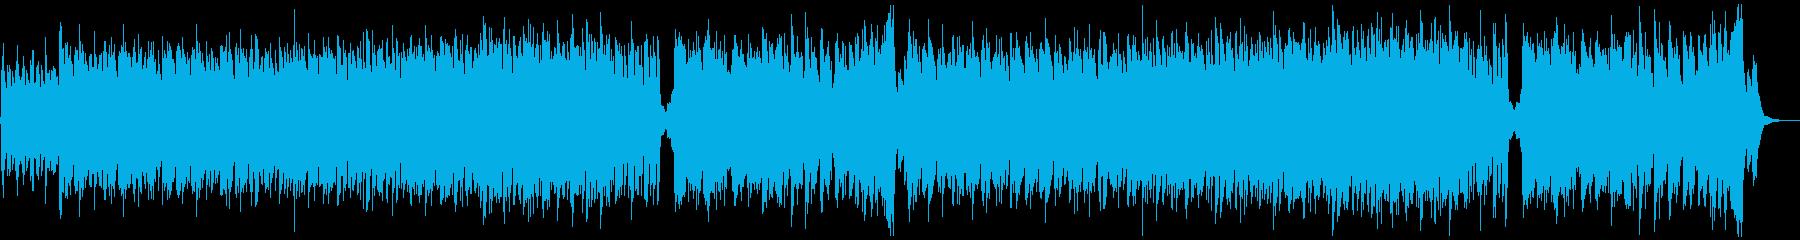 オーケストラ主体のゲームの戦闘曲の再生済みの波形